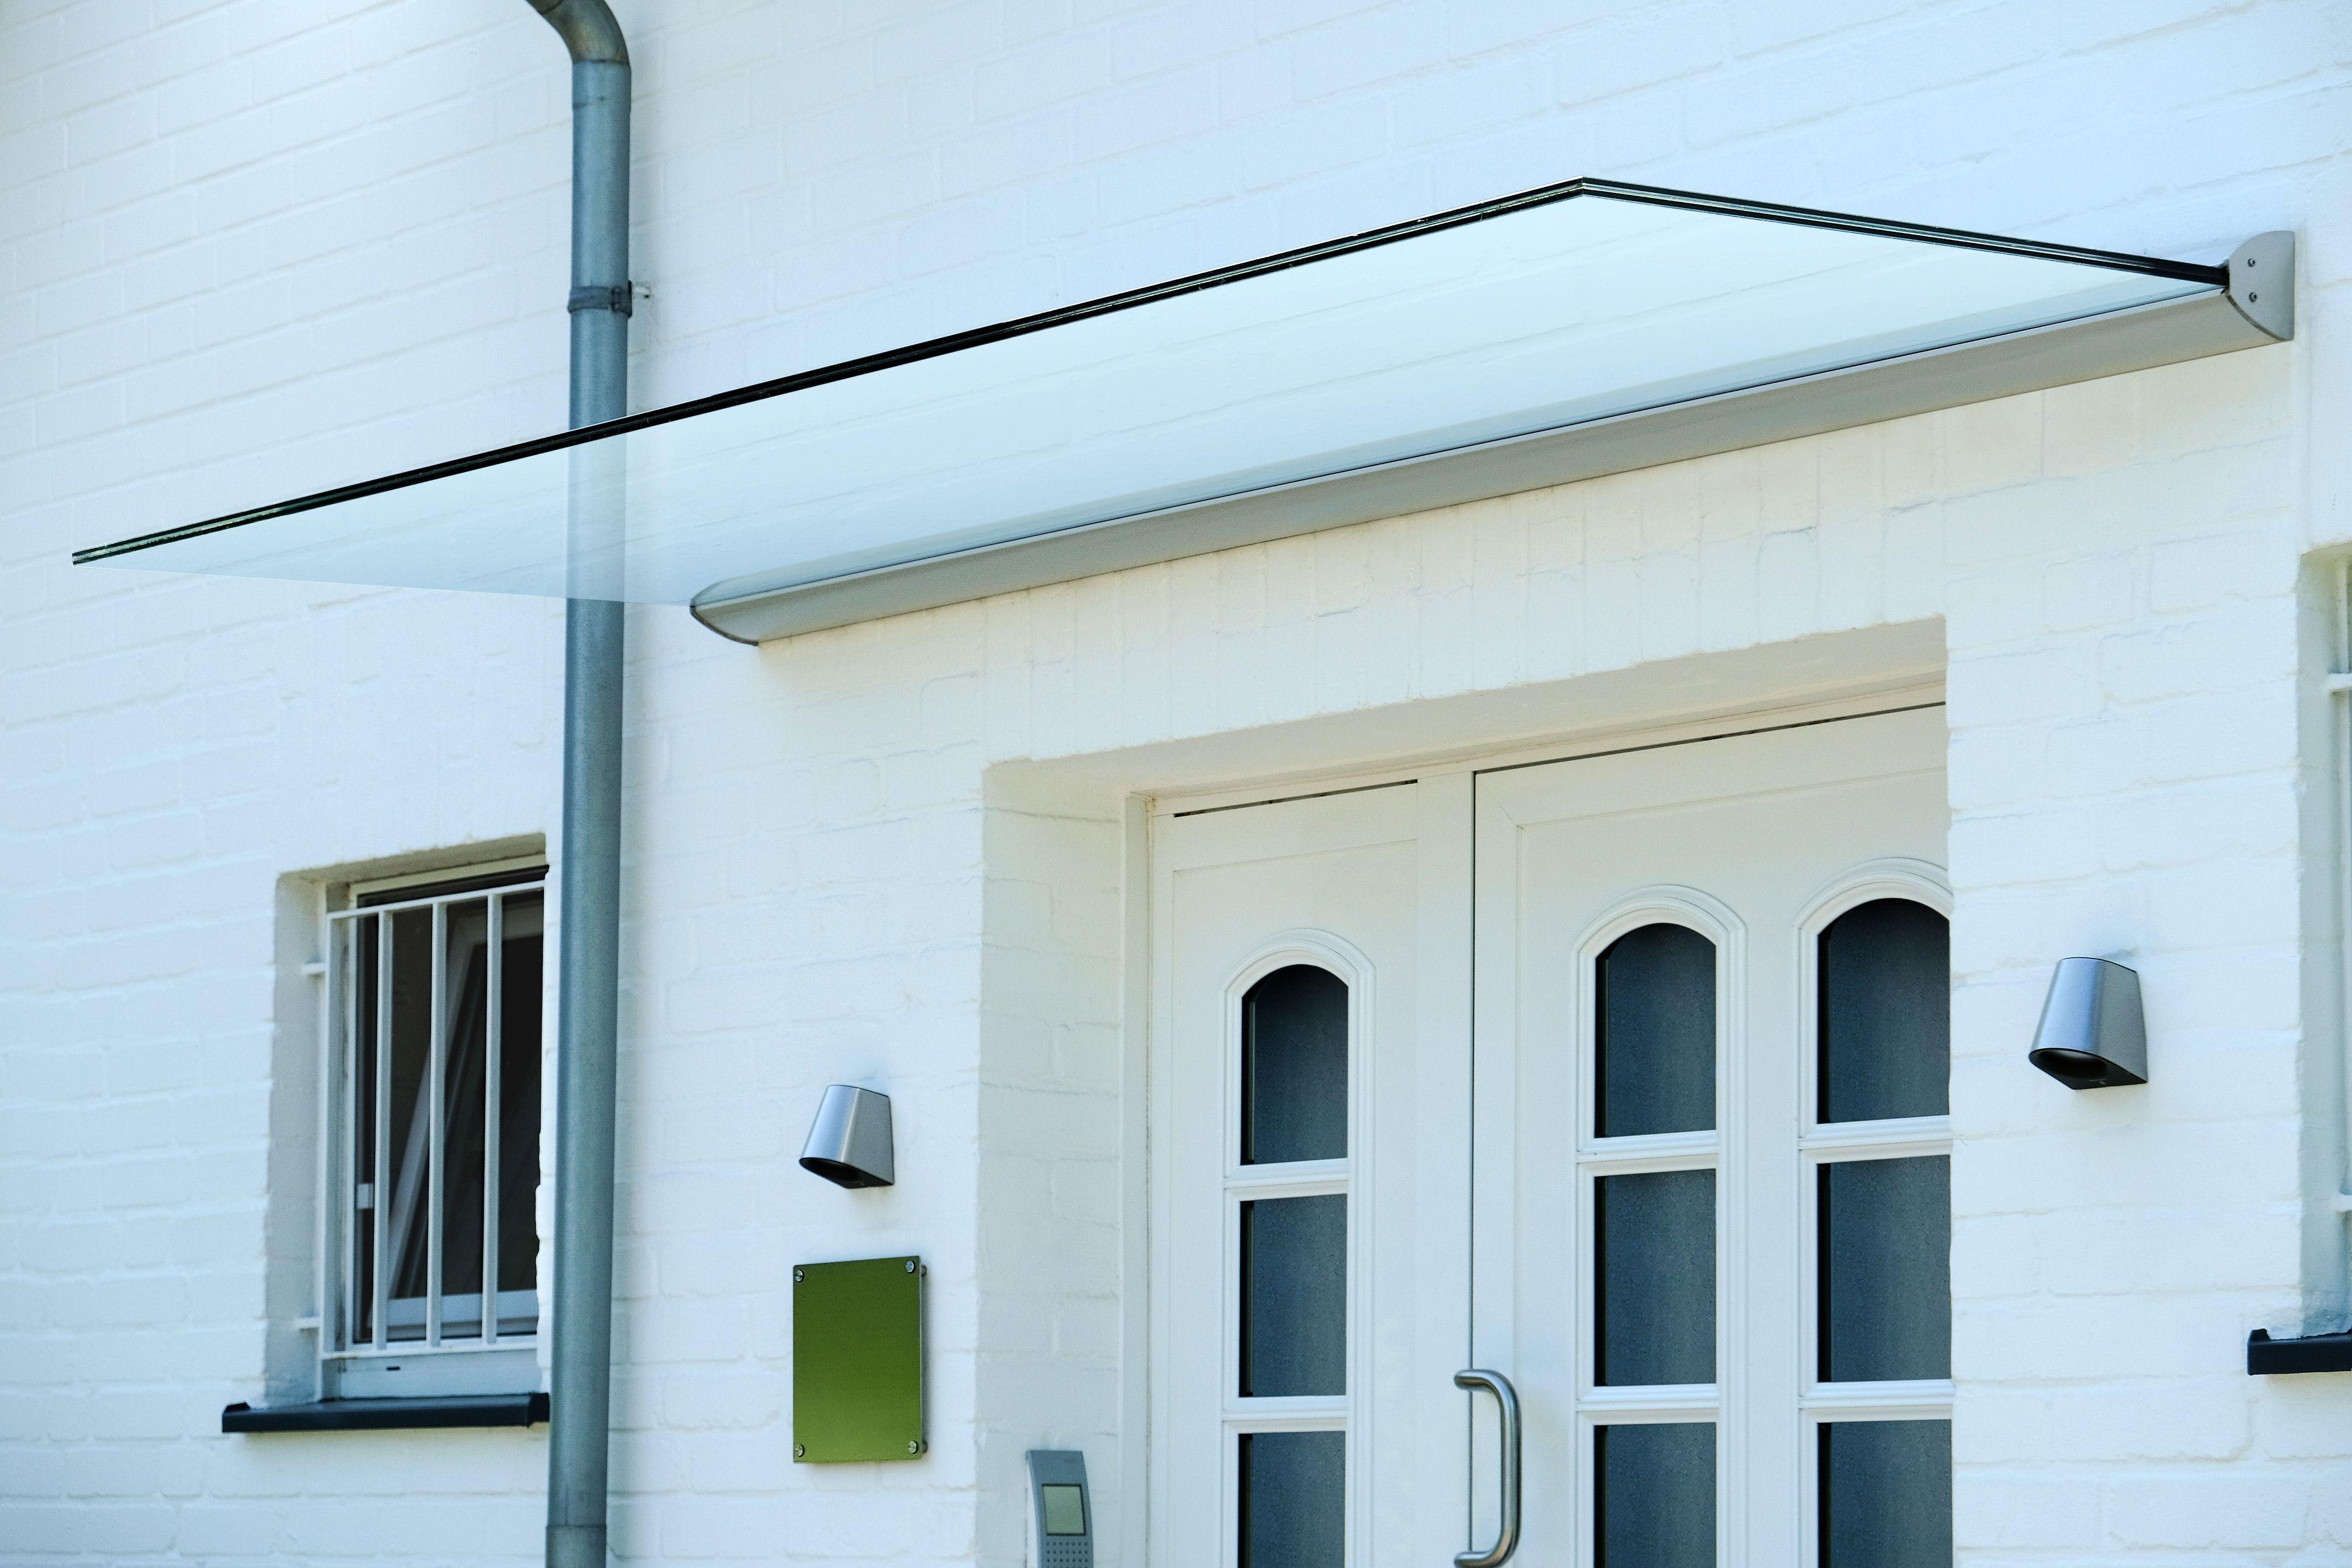 das freitragende glas vordach dura plus sorgt f r einen hellen und modernen hauseingang. Black Bedroom Furniture Sets. Home Design Ideas